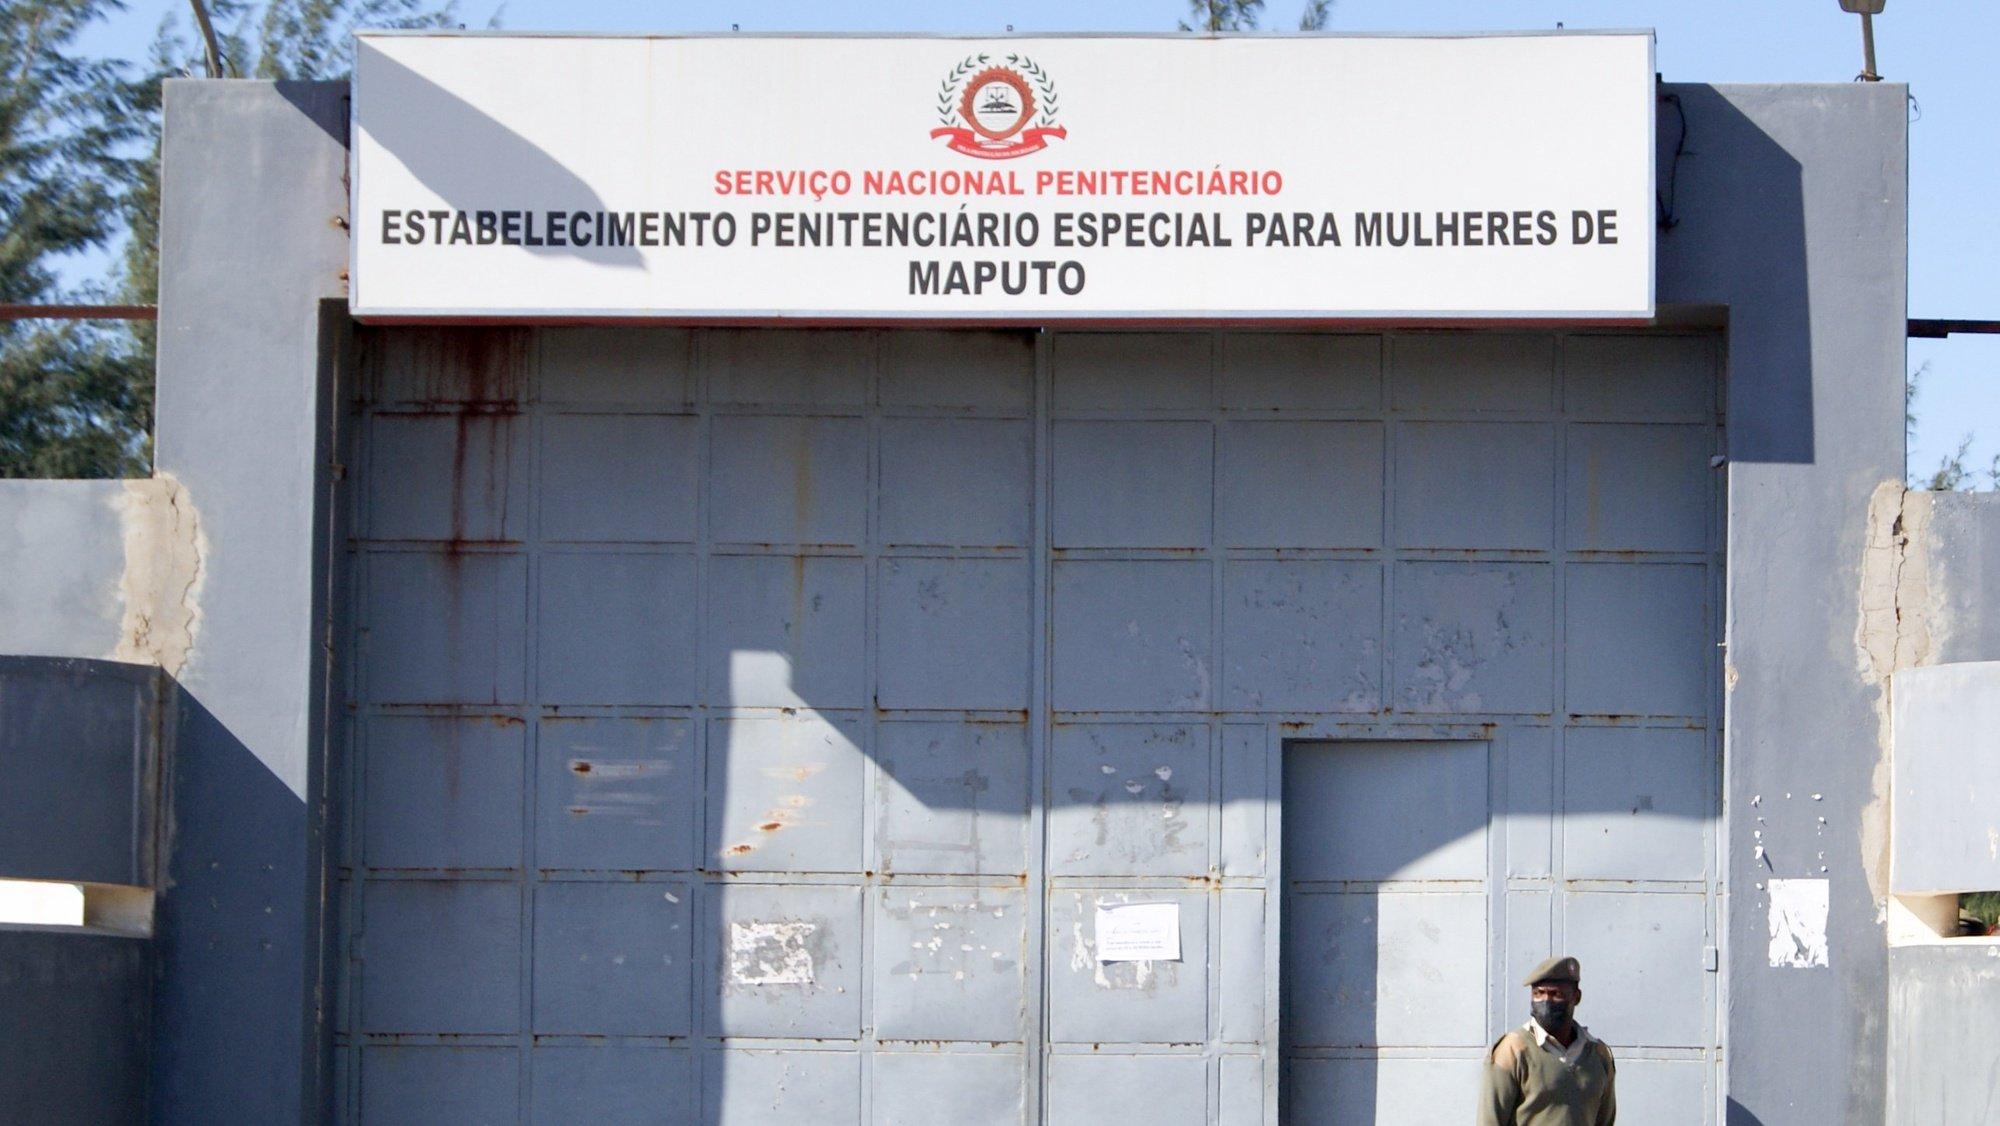 Entrada do Estabelecimento Penitenciário Especial para Mulheres de Maputo, Moçambique, 16 de junho de 2021. A ministra da Justiça anunciou hoje a criação de uma comissão de inquérito para investigar denúncias de uma alegada rede de exploração sexual em que guardas prisionais forçam mulheres reclusas a sair de uma cadeia de Maputo para se prostituírem, Maputo. (ACOMPANHA TEXTO) LUISA NHANTUMBO/LUSA